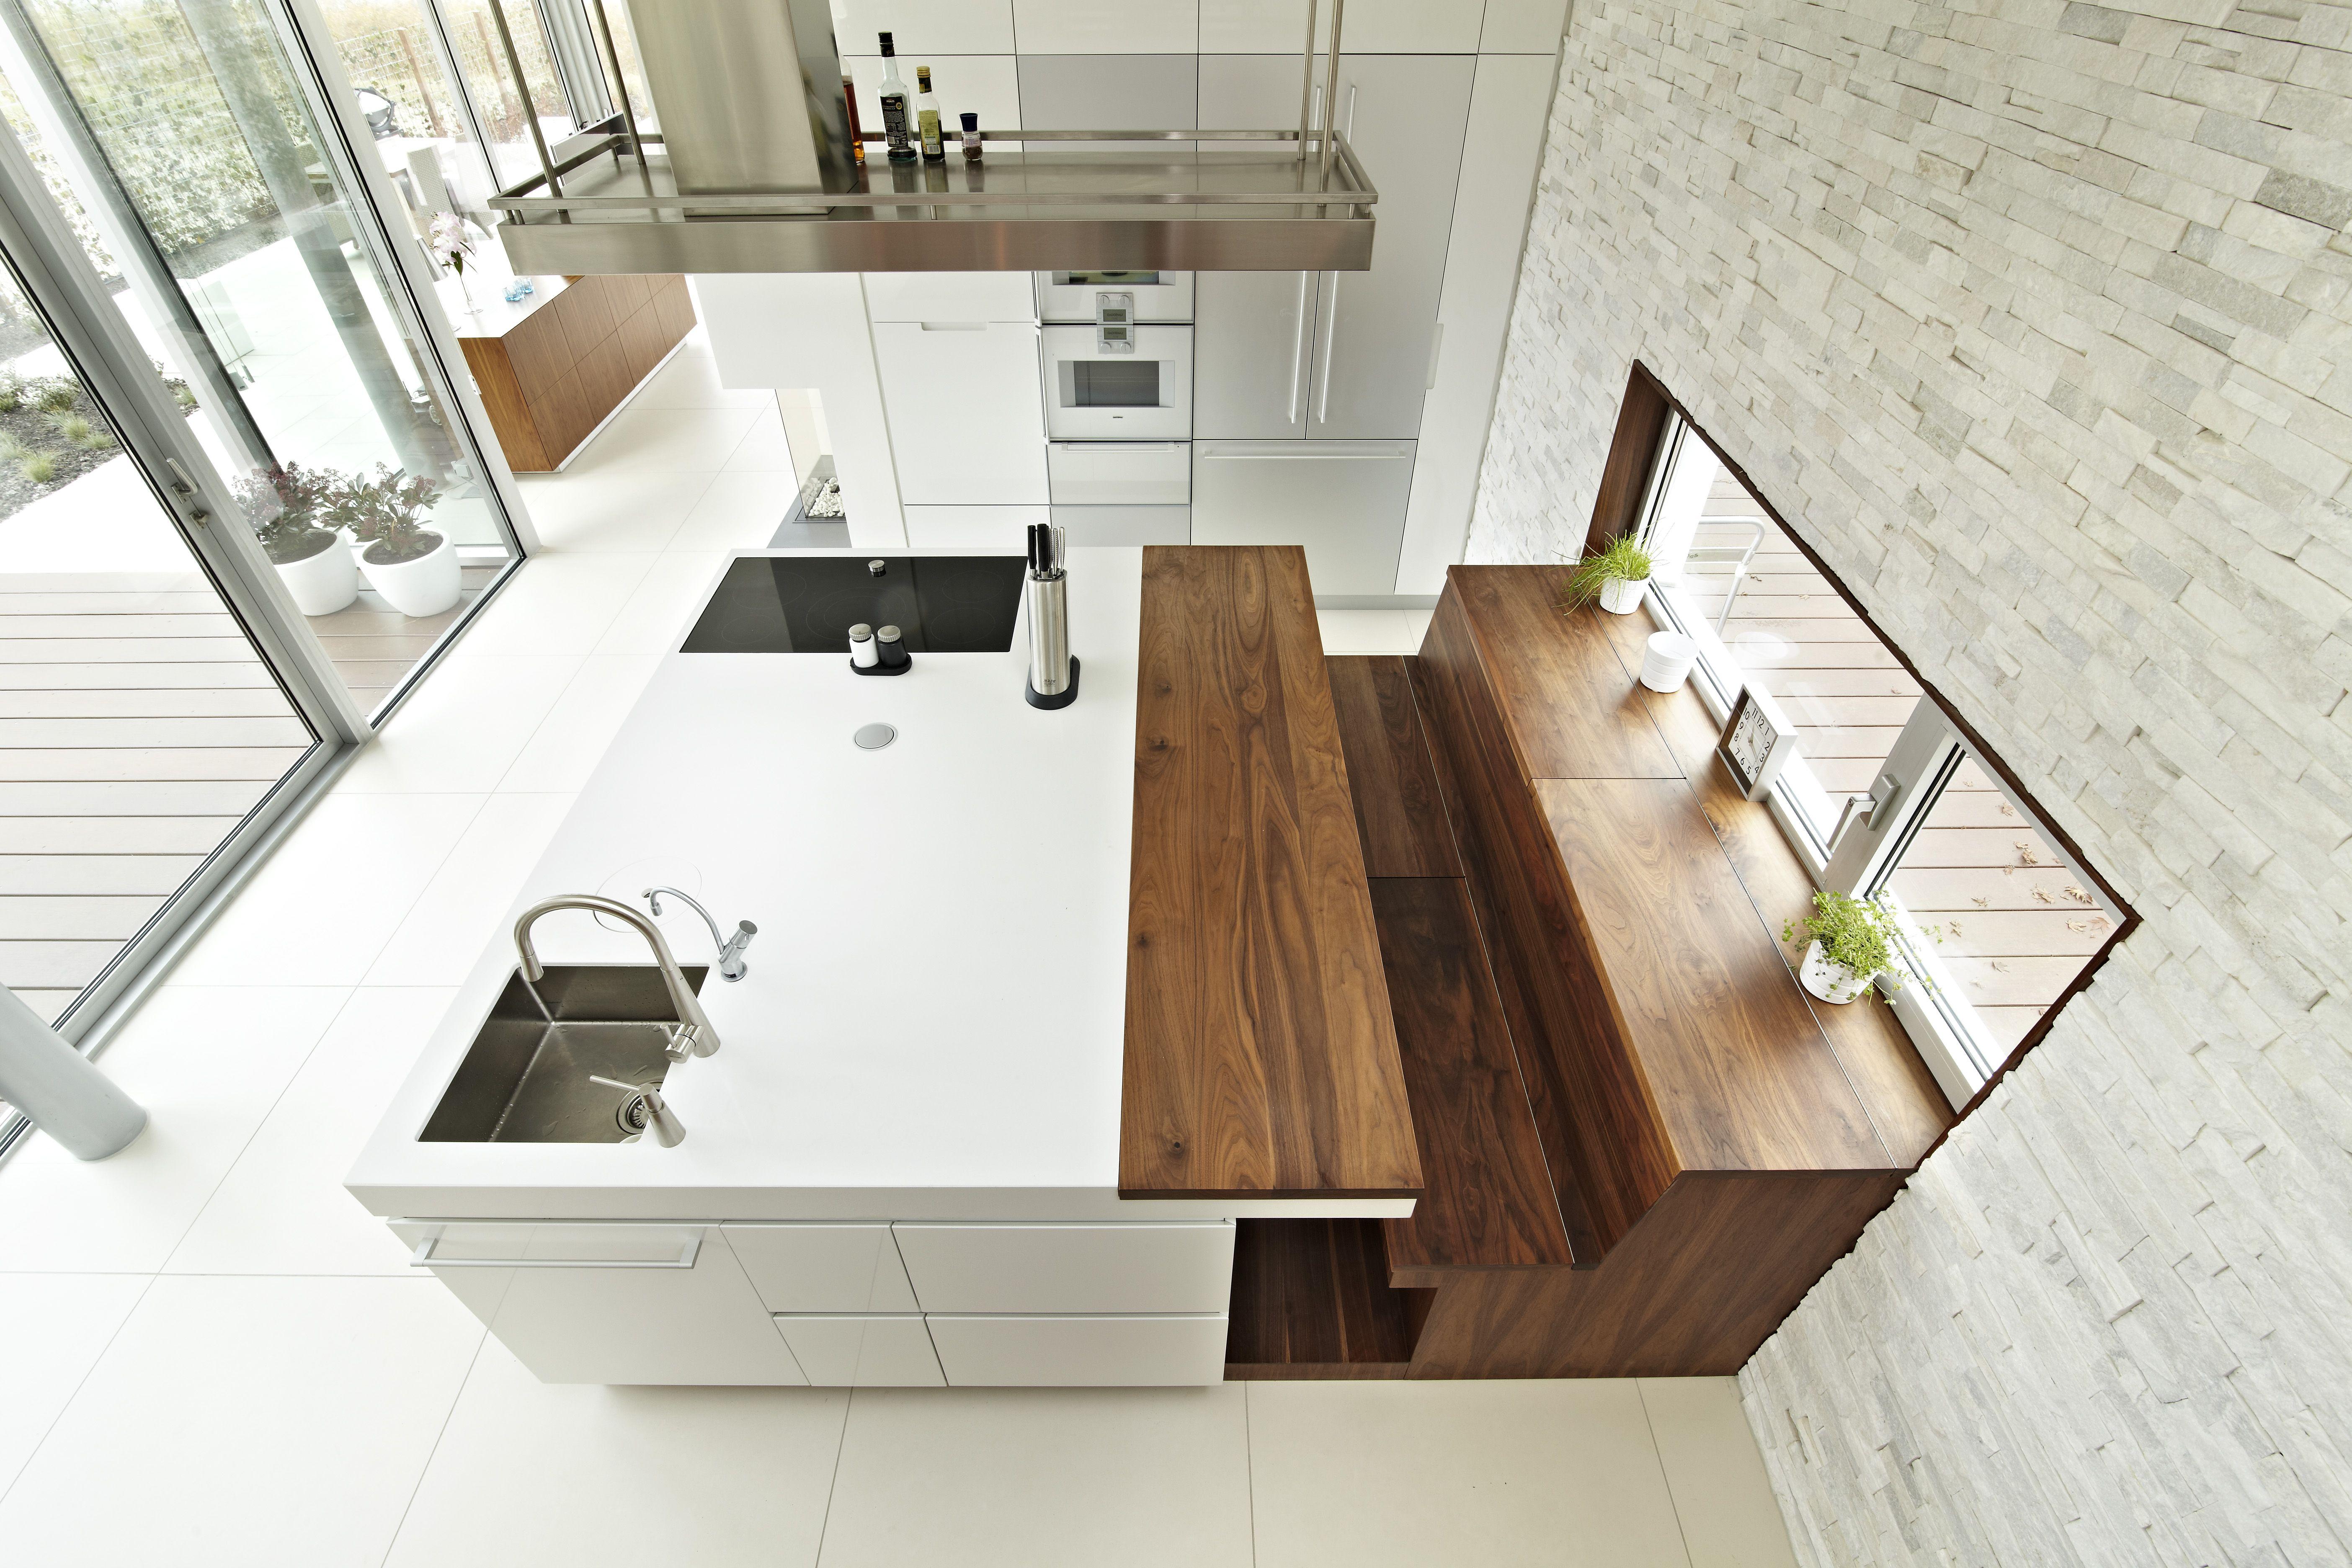 Keuken Met Trap : Keuken #himacs #wijnkoeler #trap #bank #afzuigkap #houtwerk